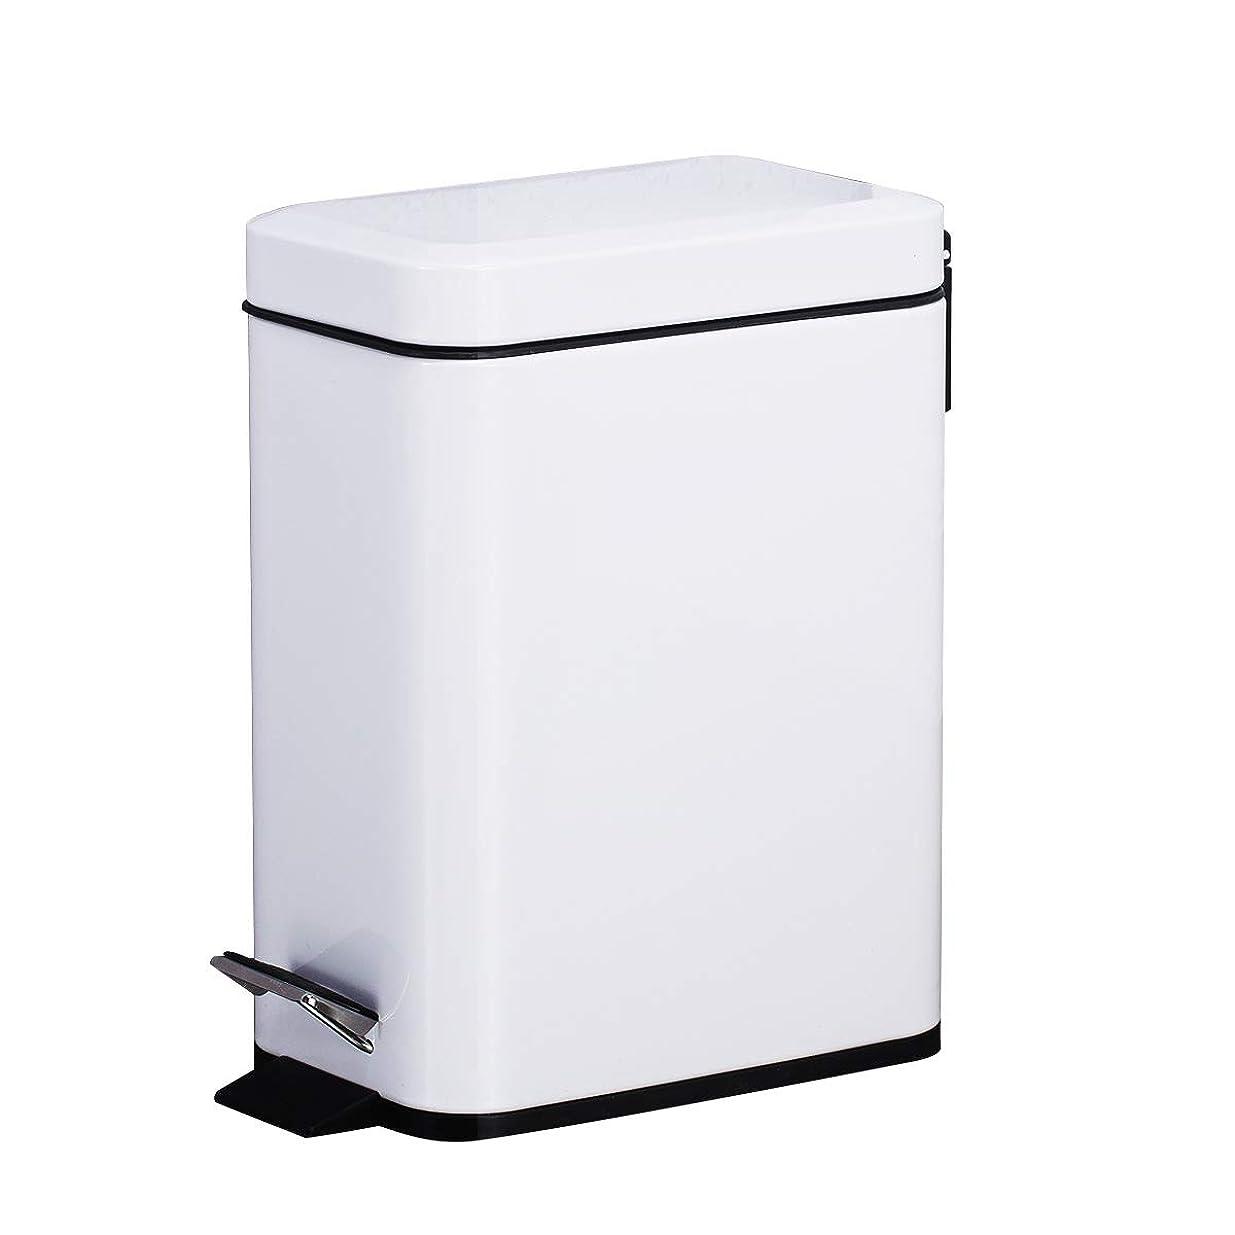 はず滑り台害虫Smart-bin 5L スリム ゴミ箱 ダストボックス 四角形 蓋付き ペダル式 ゴミ箱 音無し 生ごみ 防水 指紋防止 オシャレ ペダル式ゴミ箱 ダストボックス キッチン トラッシュカン リサイクルカン トイレ リビング (ホワイト)